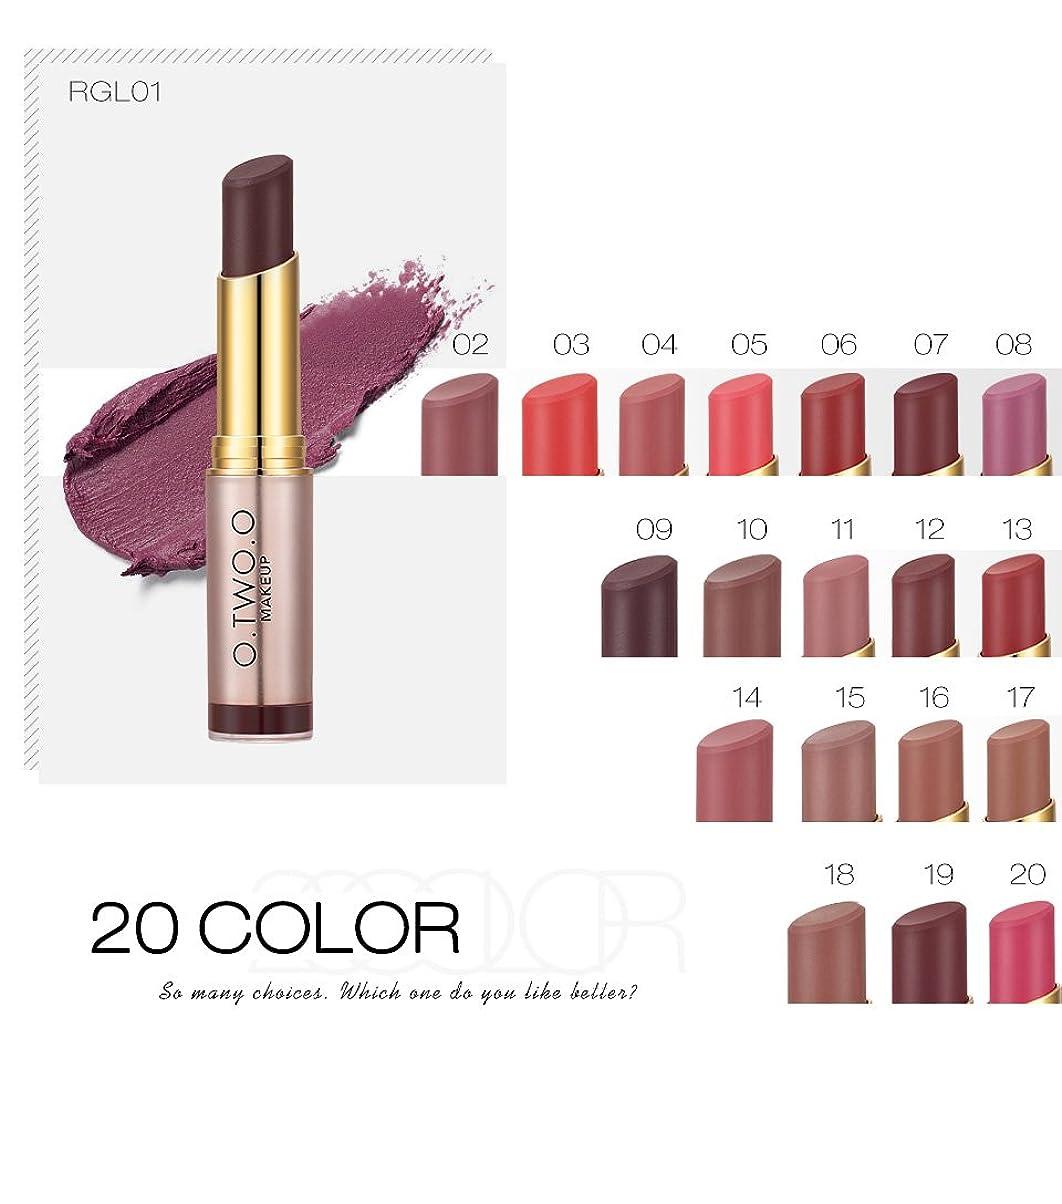 ベルベット喜んでワークショップ(RGL14) Brand Wholesale Beauty Makeup Lipstick Popular Colors Best Seller Long Lasting Lip Kit Matte Lip Cosmetics